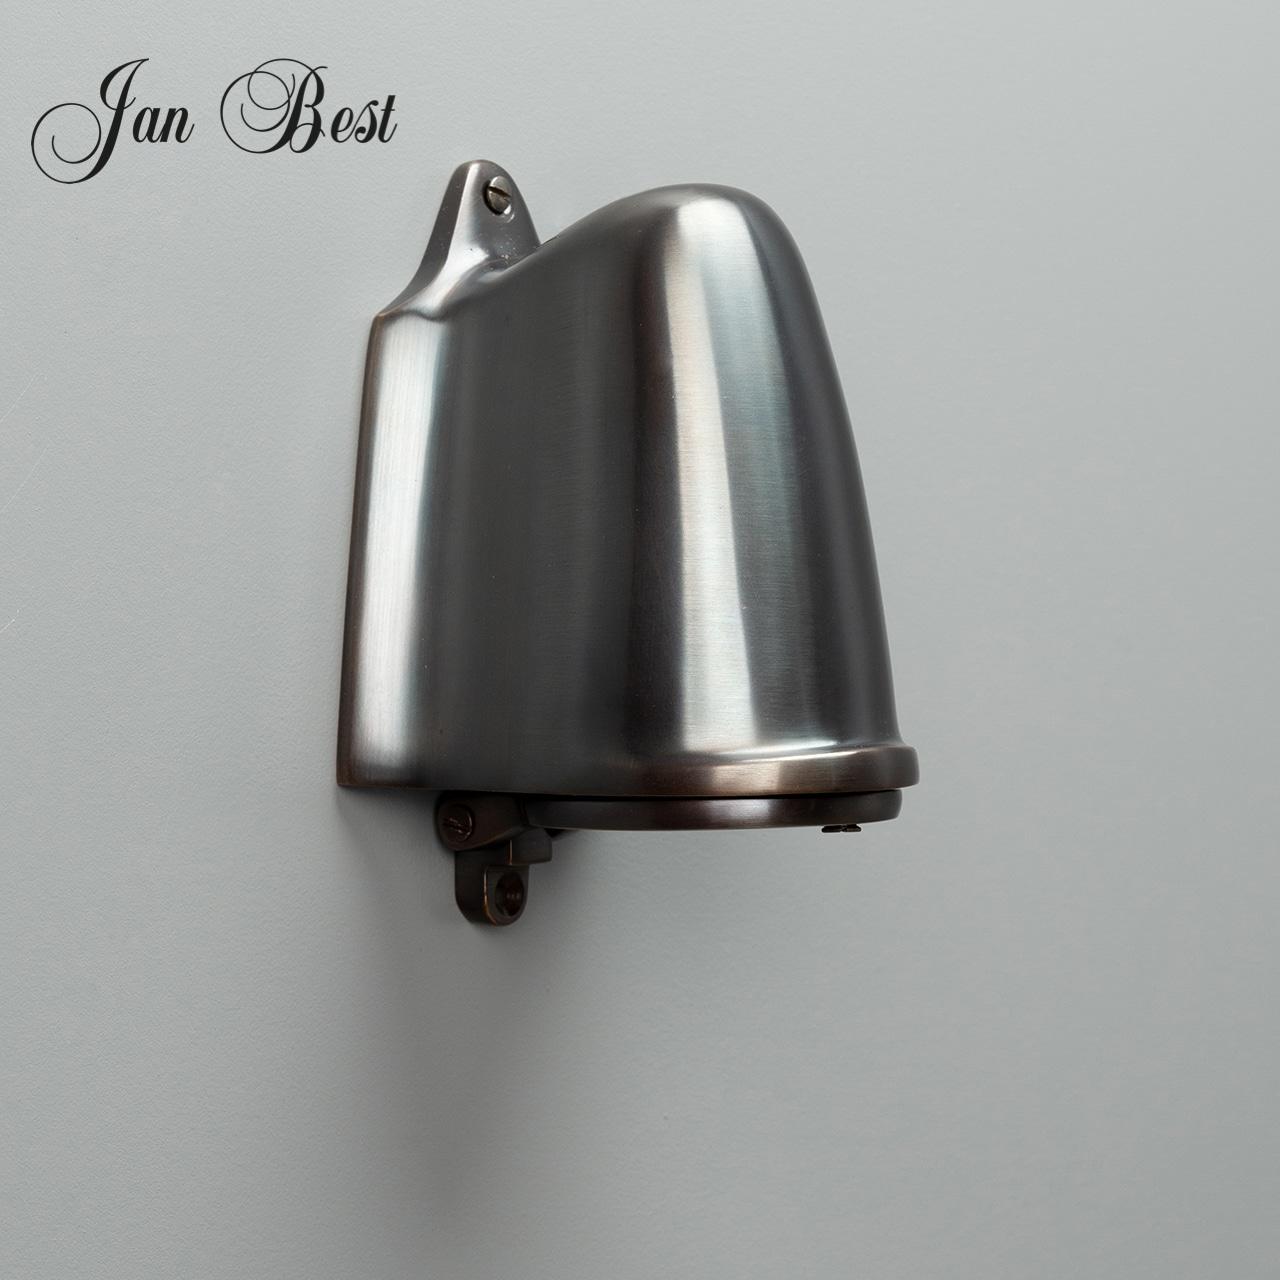 jan-best-messing-brons-downlighter-wandlamp-buiten-tuin-terras-outdoor-horeca-nostalgische-klassieke-verlichting-aalsmeer